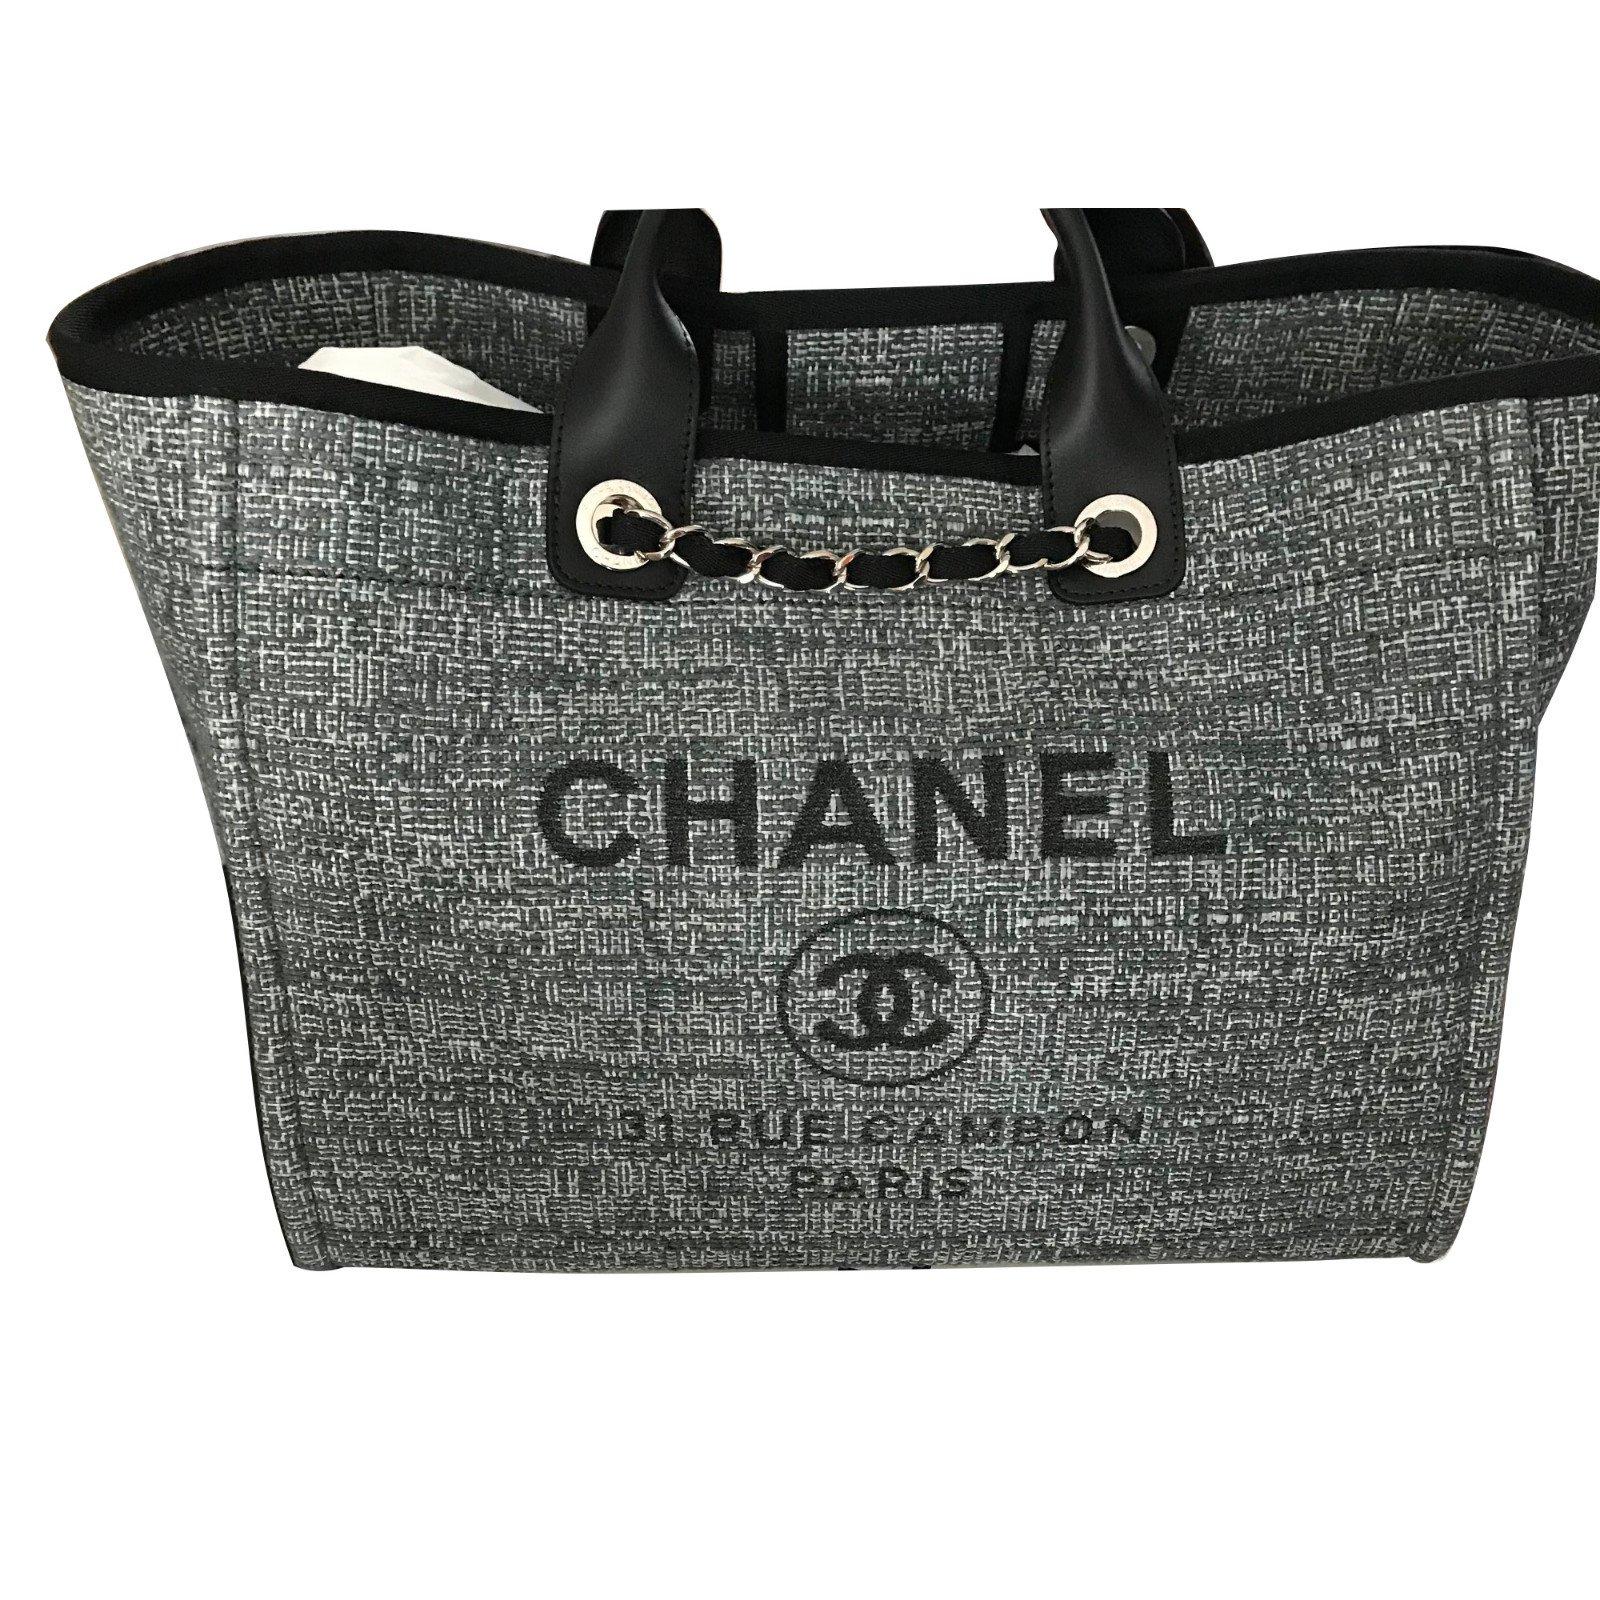 84079ee8156e8 New Chanel Handbags 2018 - HandBags 2018